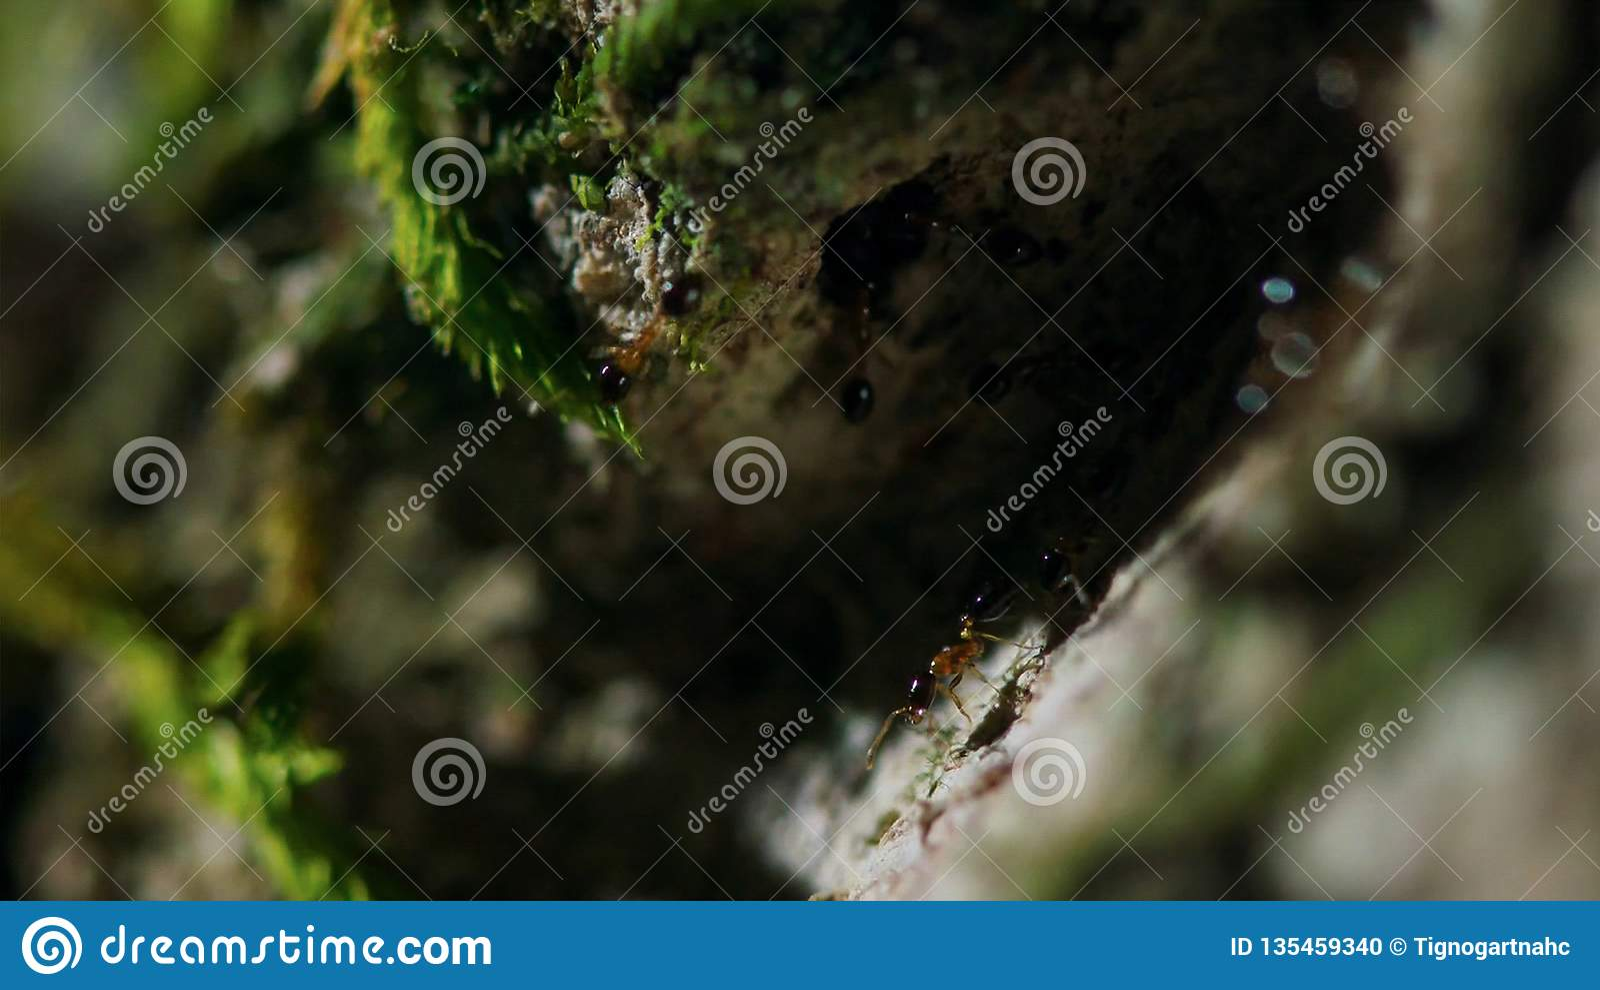 Mrówki niosą jajka na drzewie w tropikalnym tropikalnym lesie deszczowym